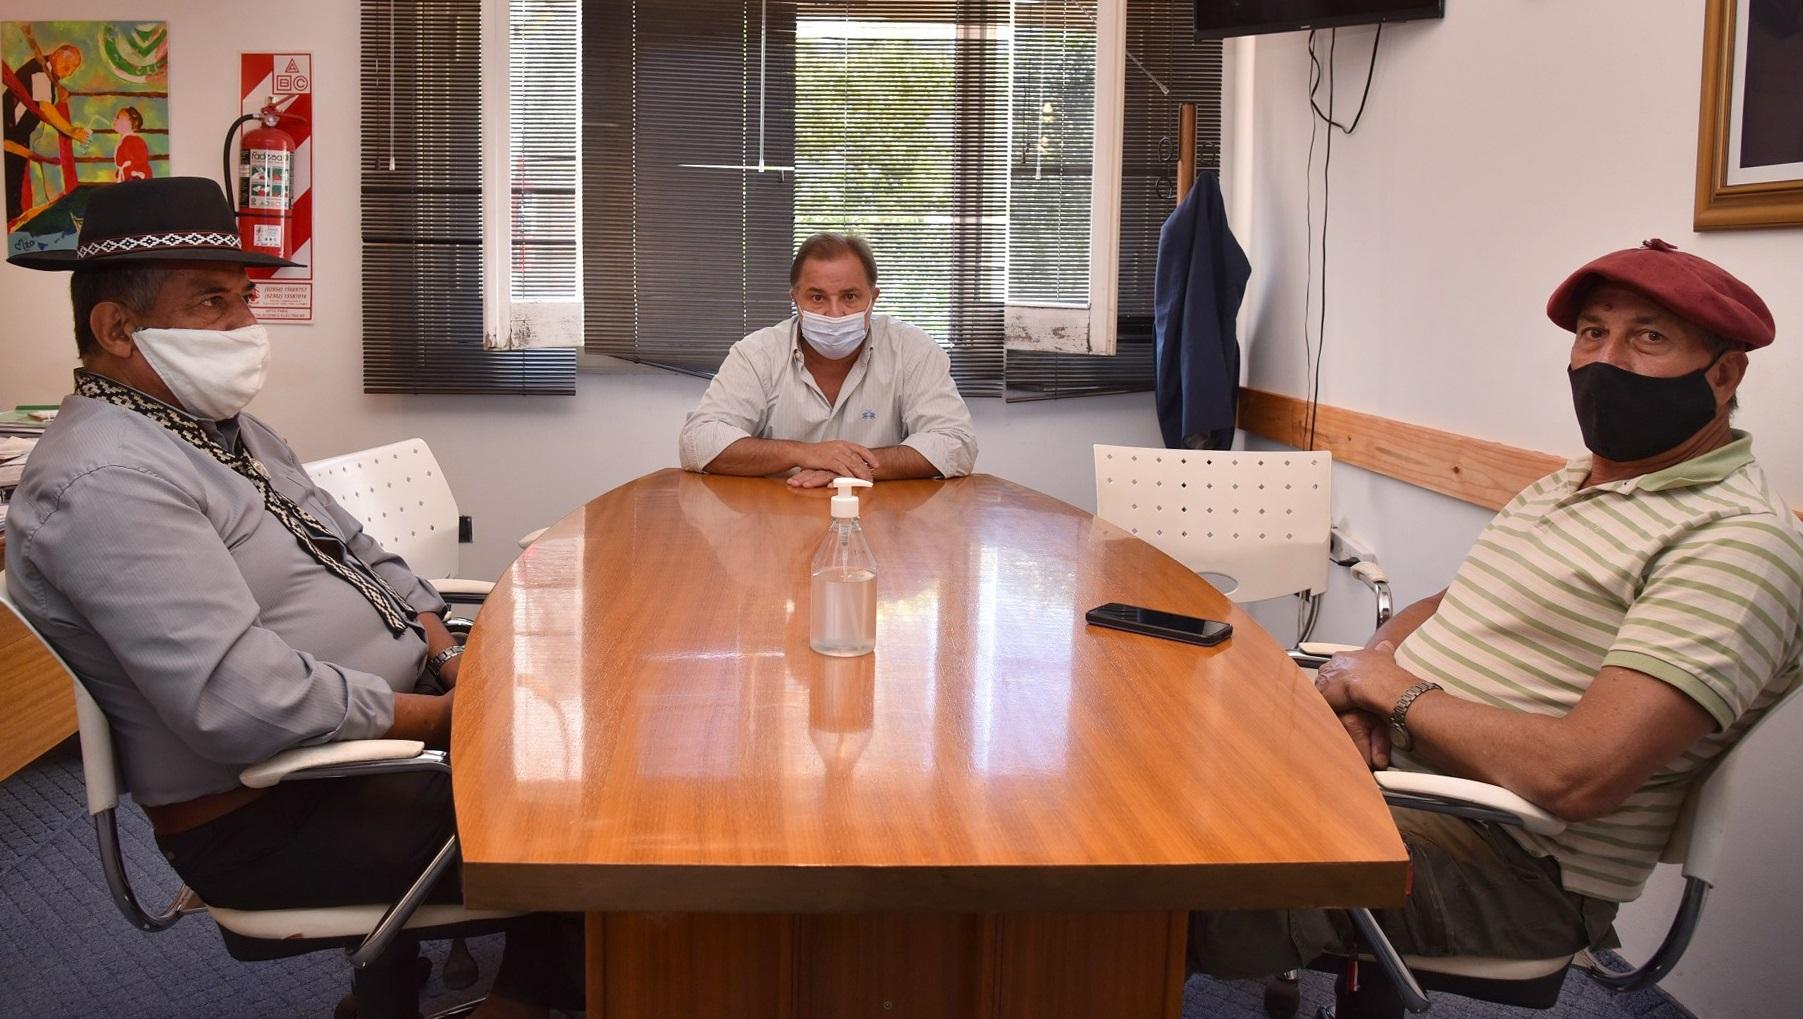 El secretario de Trabajo recibió a referentes del tradicionalismo para fijar protocolos: Las actividades podrán realizarse con público a partir del 1 de marzo